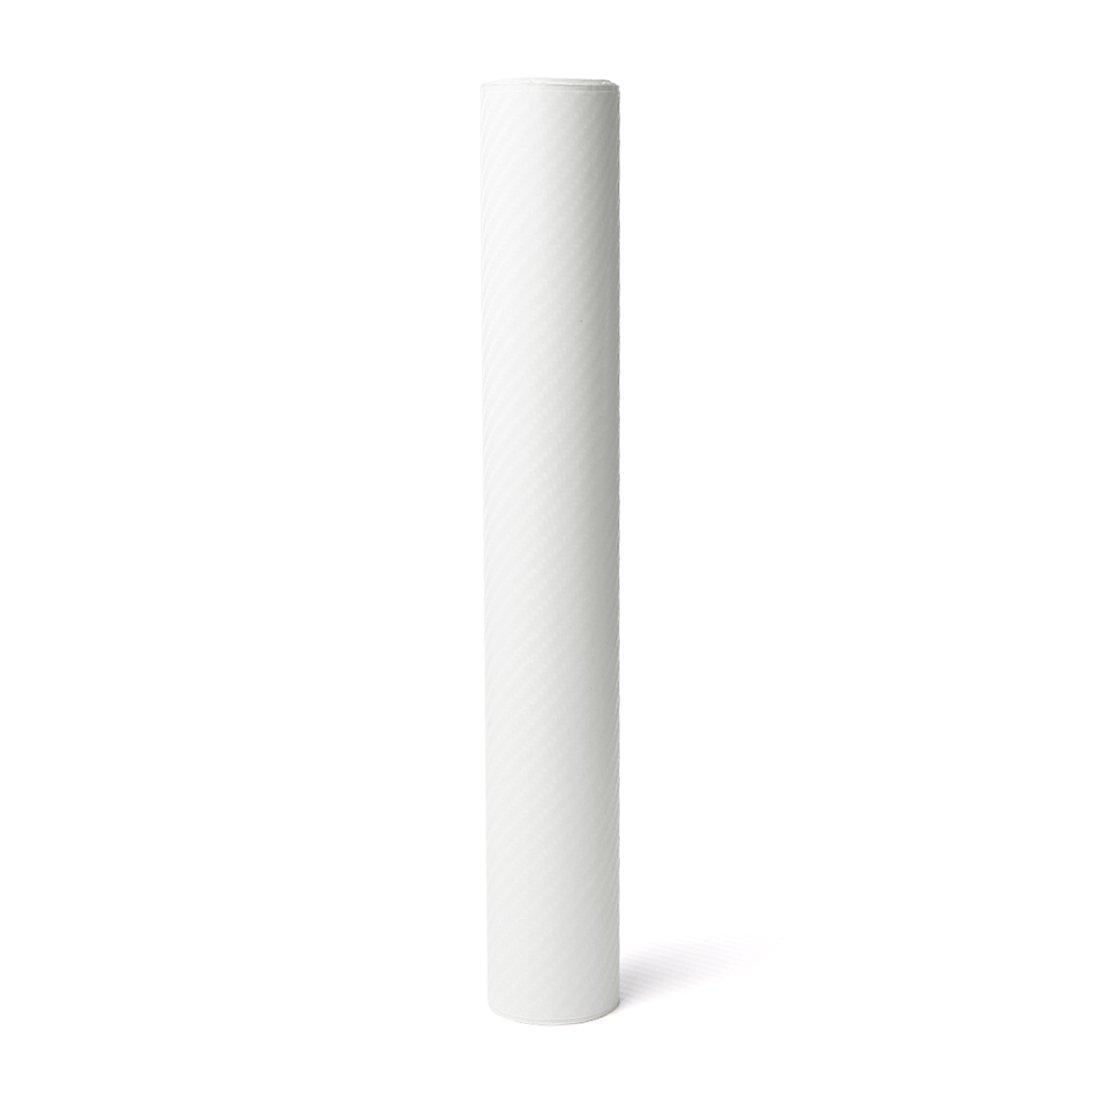 uxcell a18010800ux0204 1 Pack 4D Carbon Fiber Bubble Free Stretchable Car Vinyl Film Sticker 152 x 30cm White